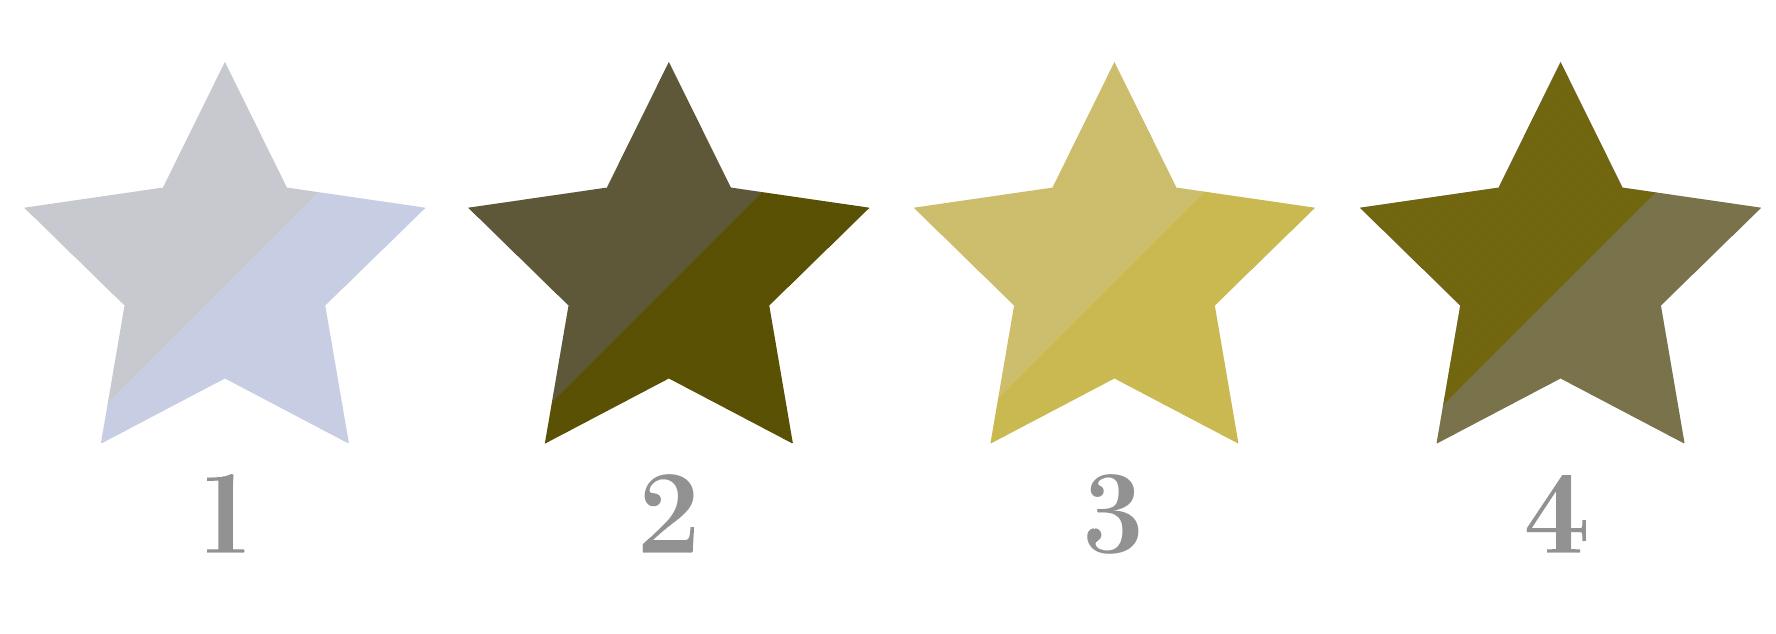 二色に塗り分けられた星型のイラストを2型2色覚の色覚障がいの人の見え方をシミュレーションした例